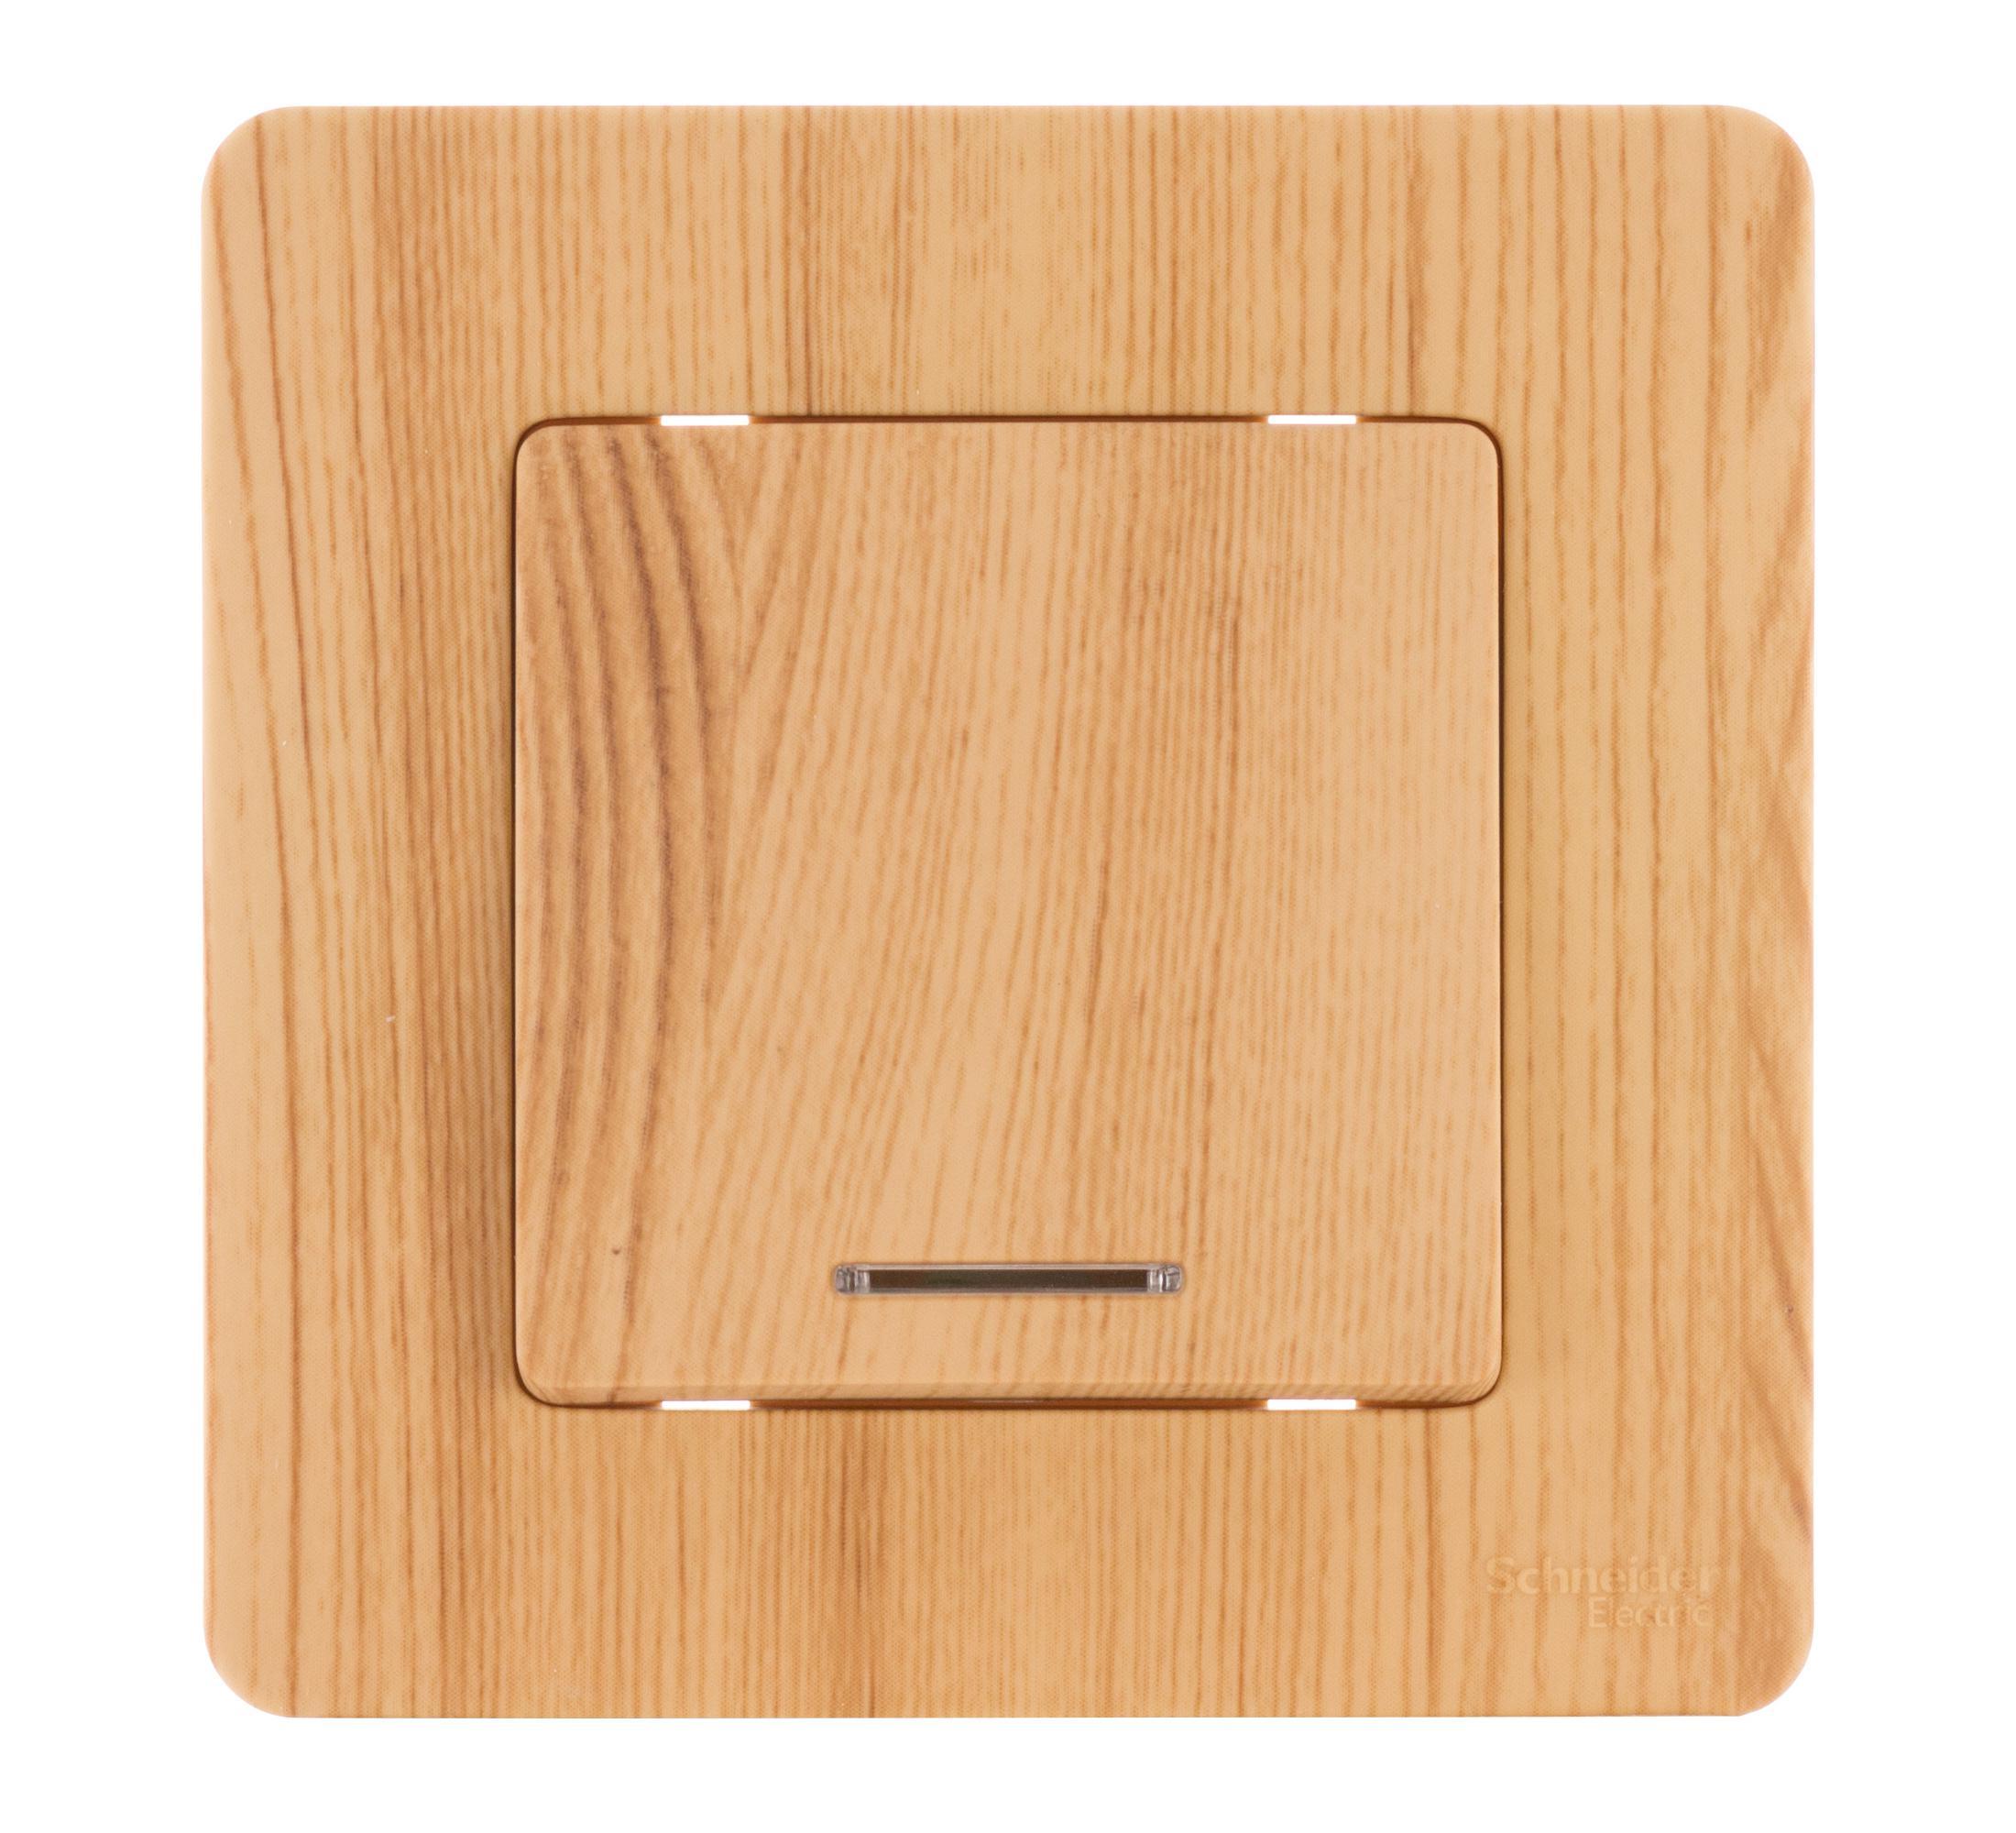 Выключатель Schneider electric Blnvs010115 blanca выключатель schneider electric blnva105014 blanca